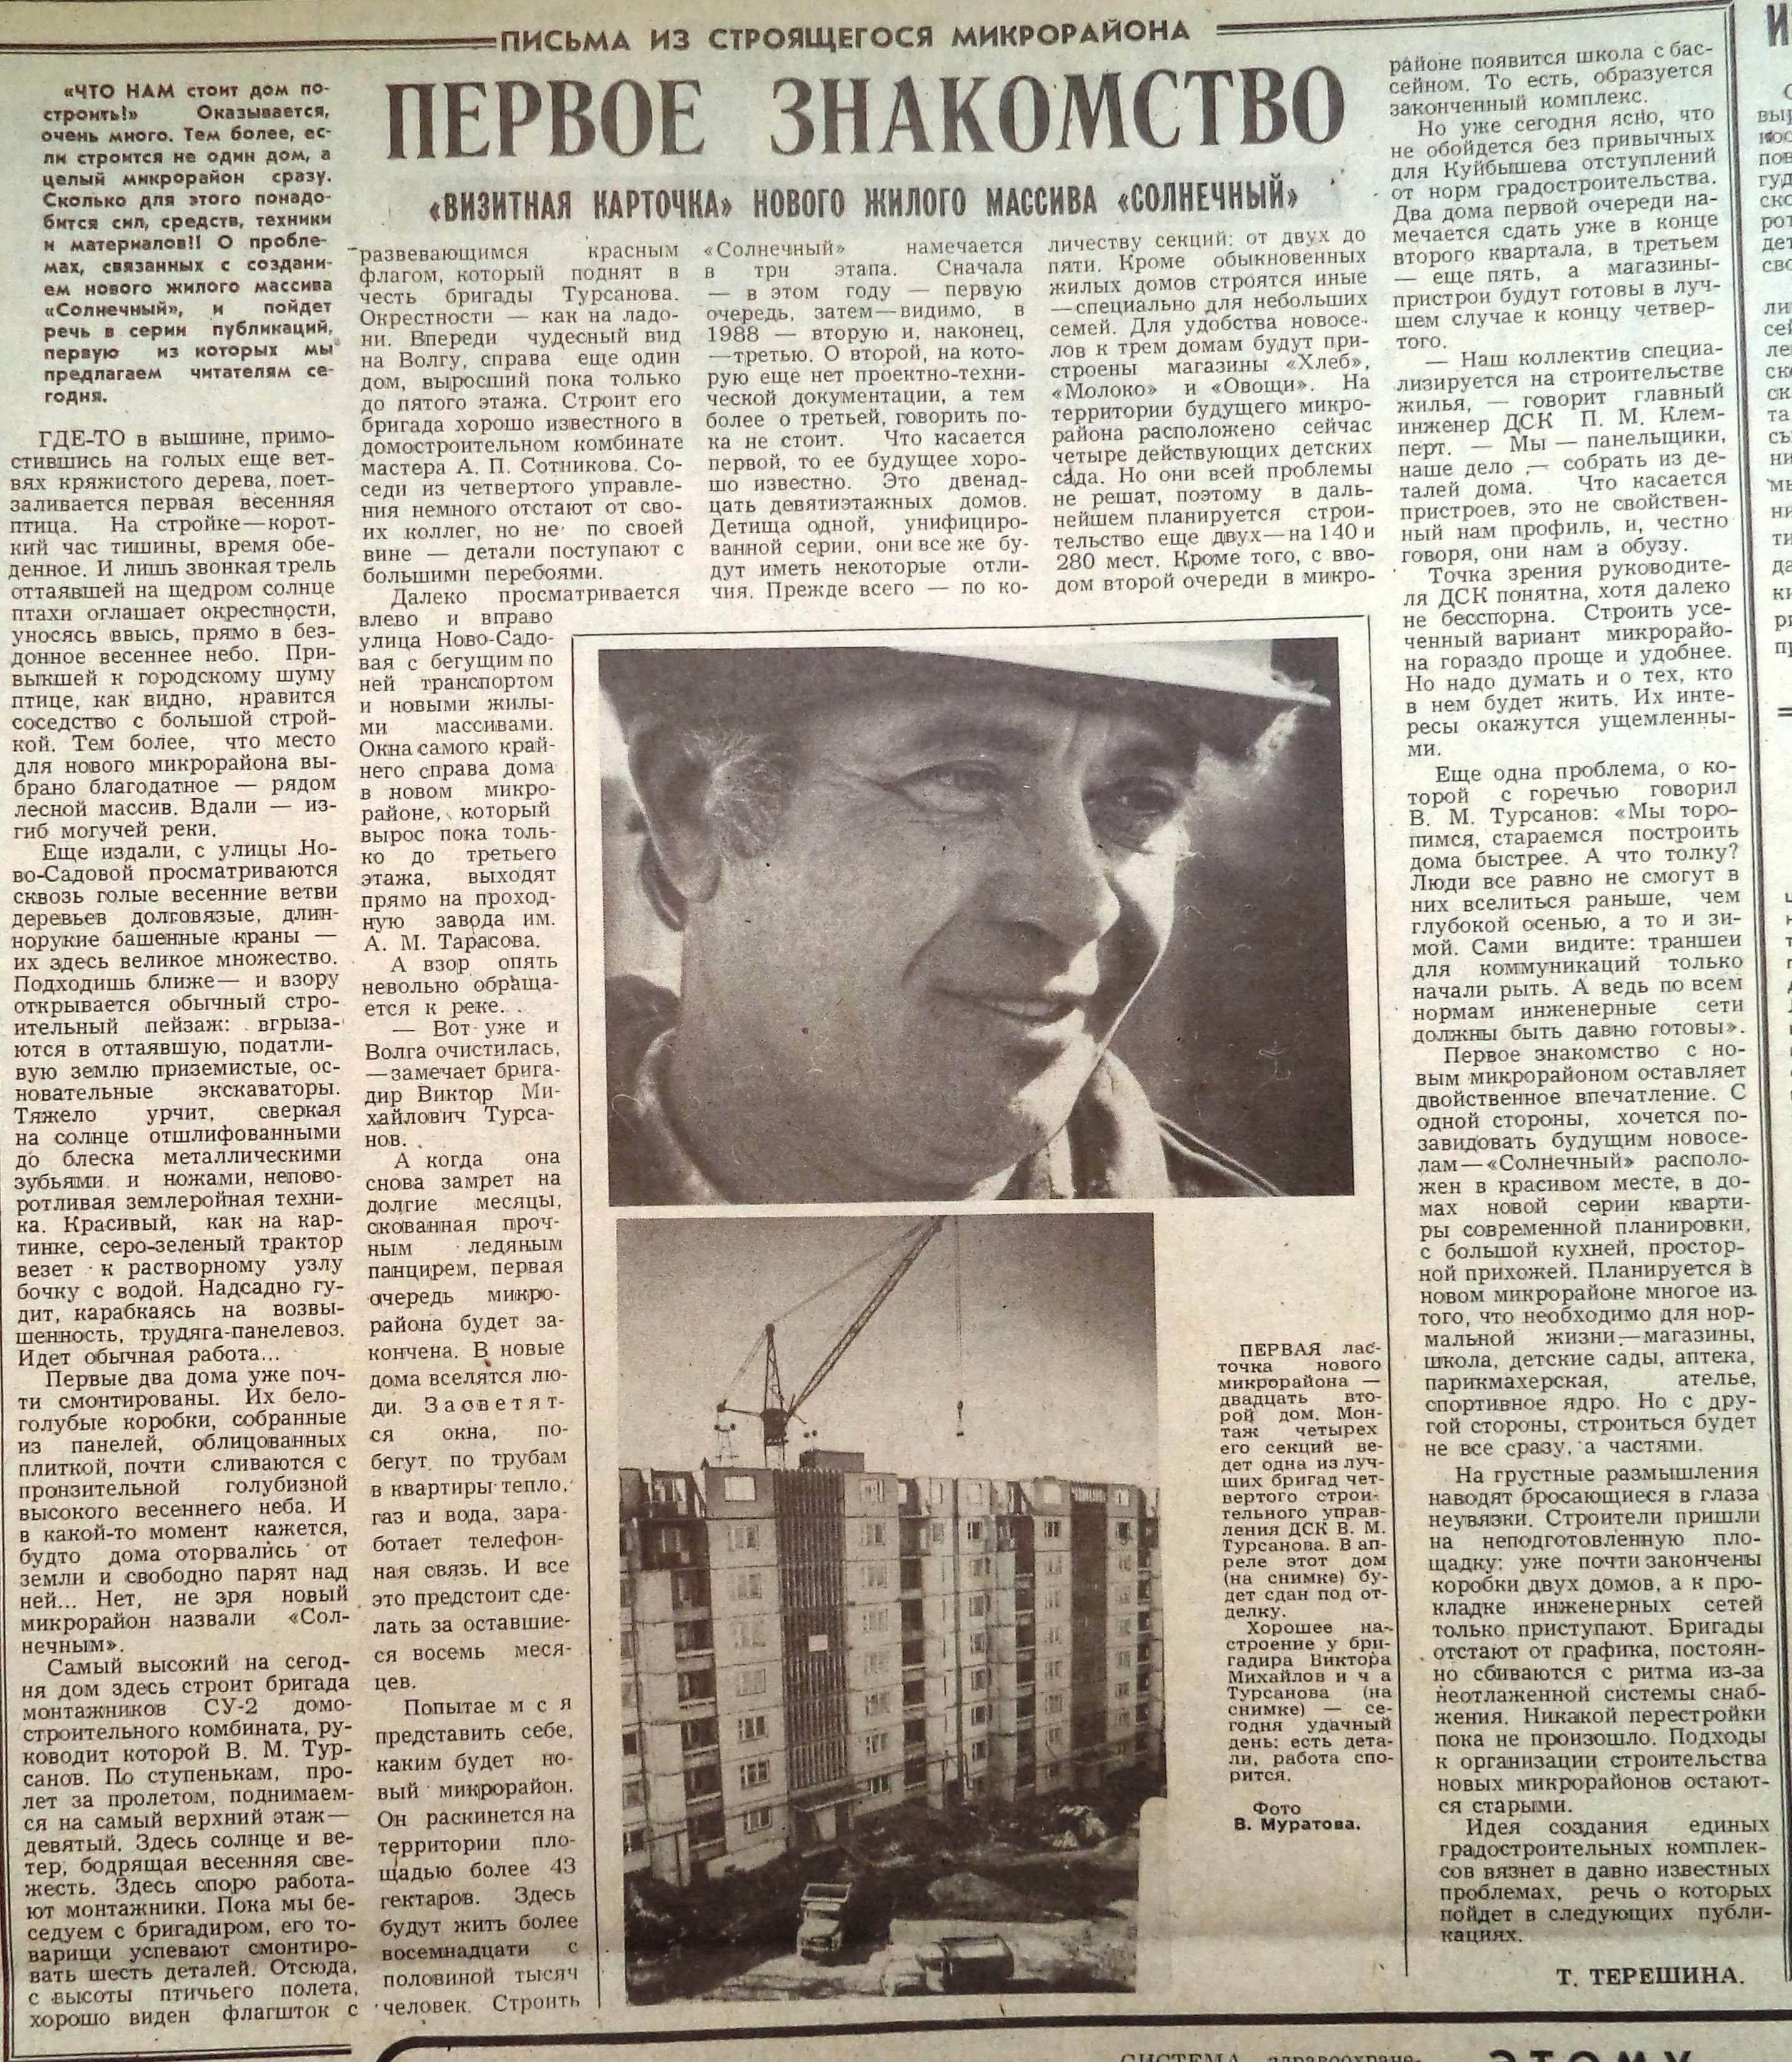 Солнечная-ФОТО-09-ВЗя-1987-04-27-про мкр. Солнечный-min